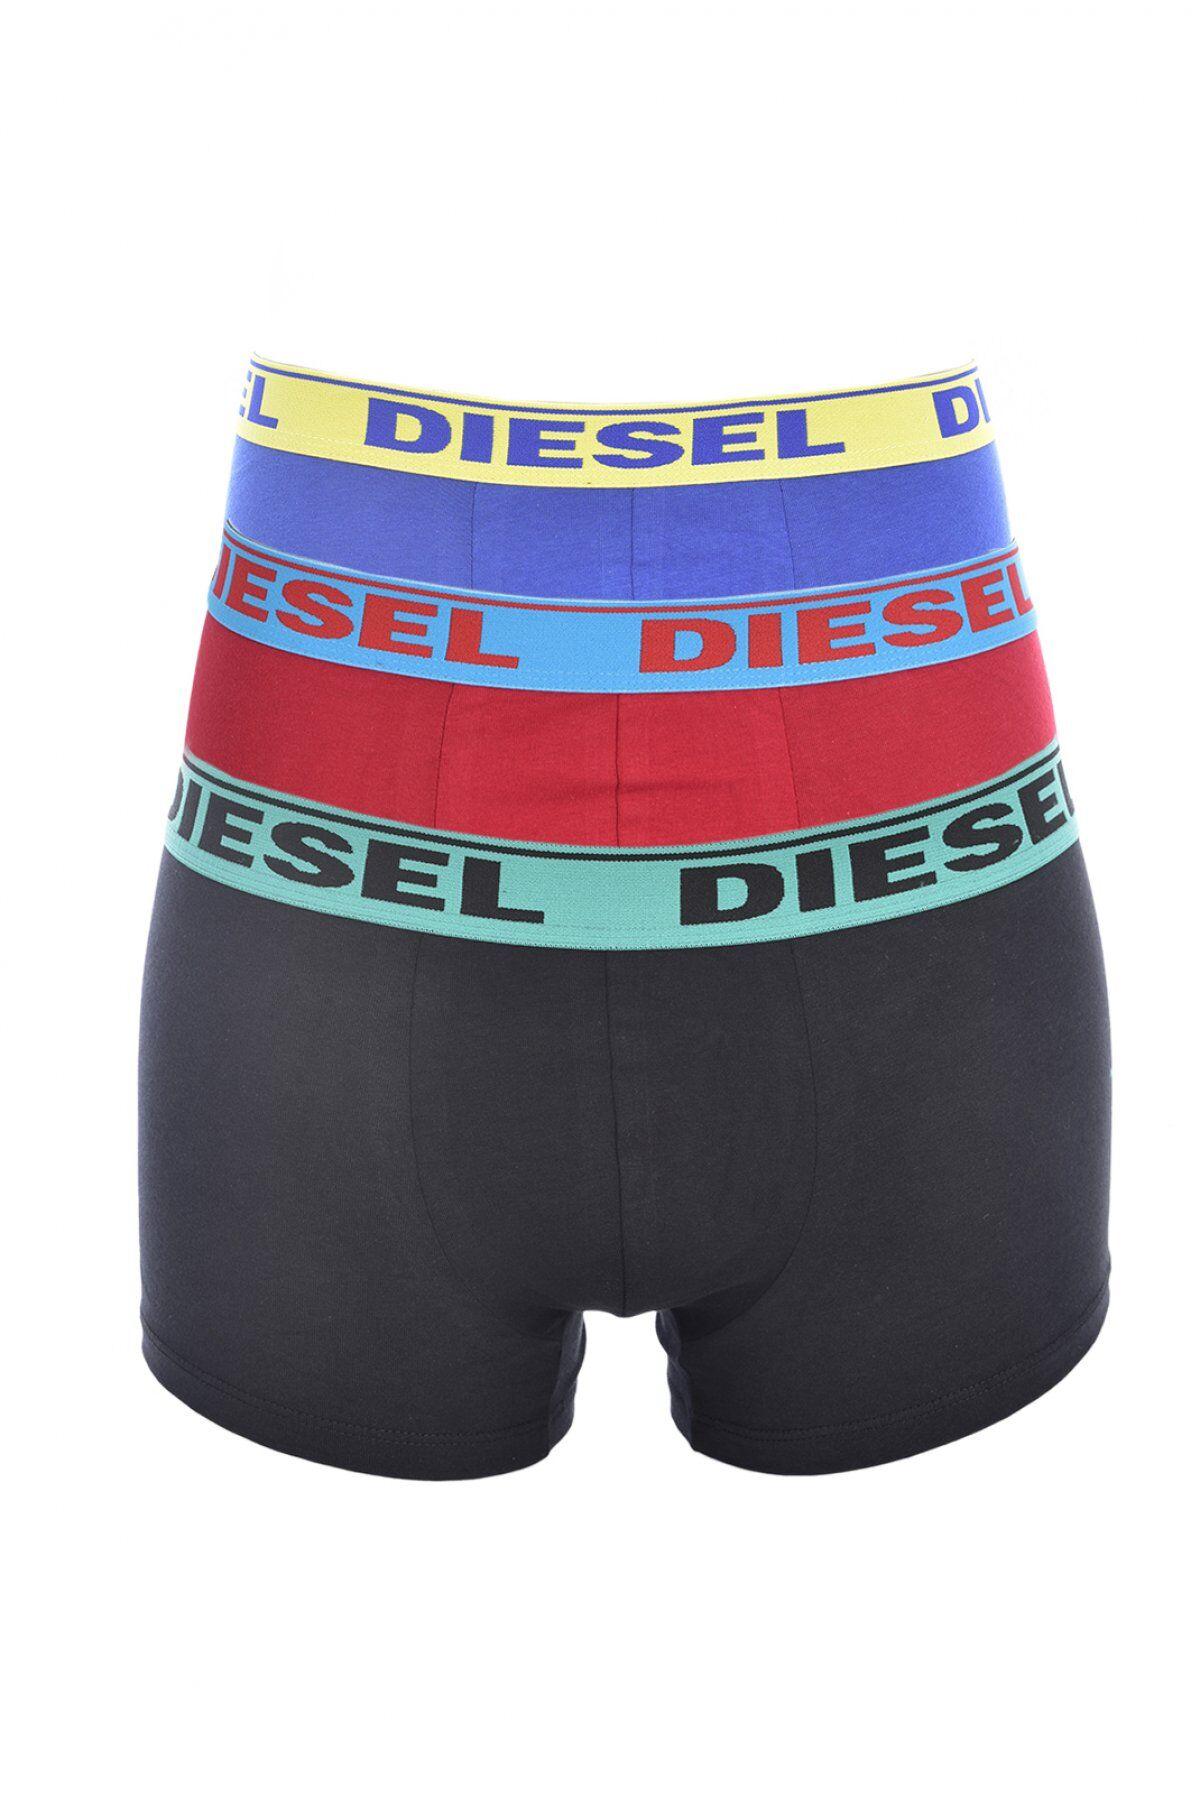 Diesel Tripack Boxers Stretch  -  Diesel